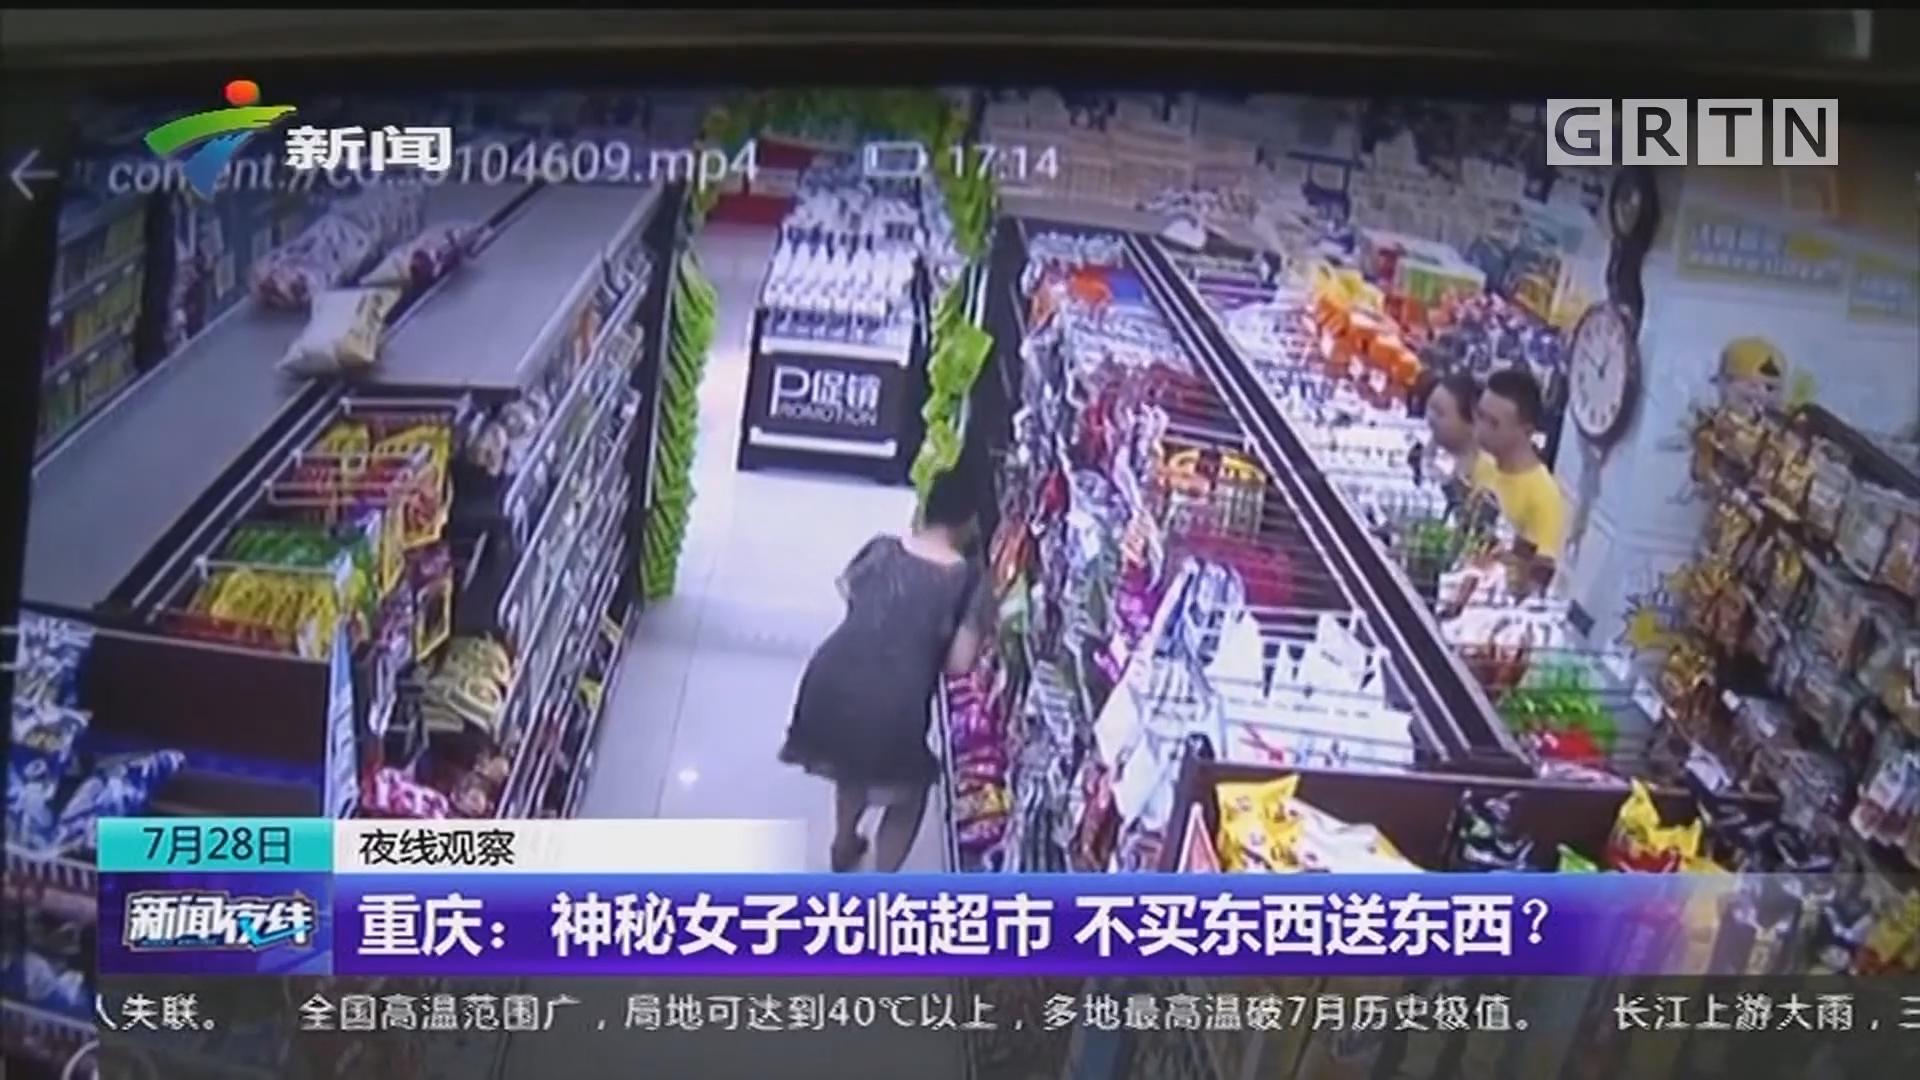 重庆:神秘女子光临超市 不买东西送东西?